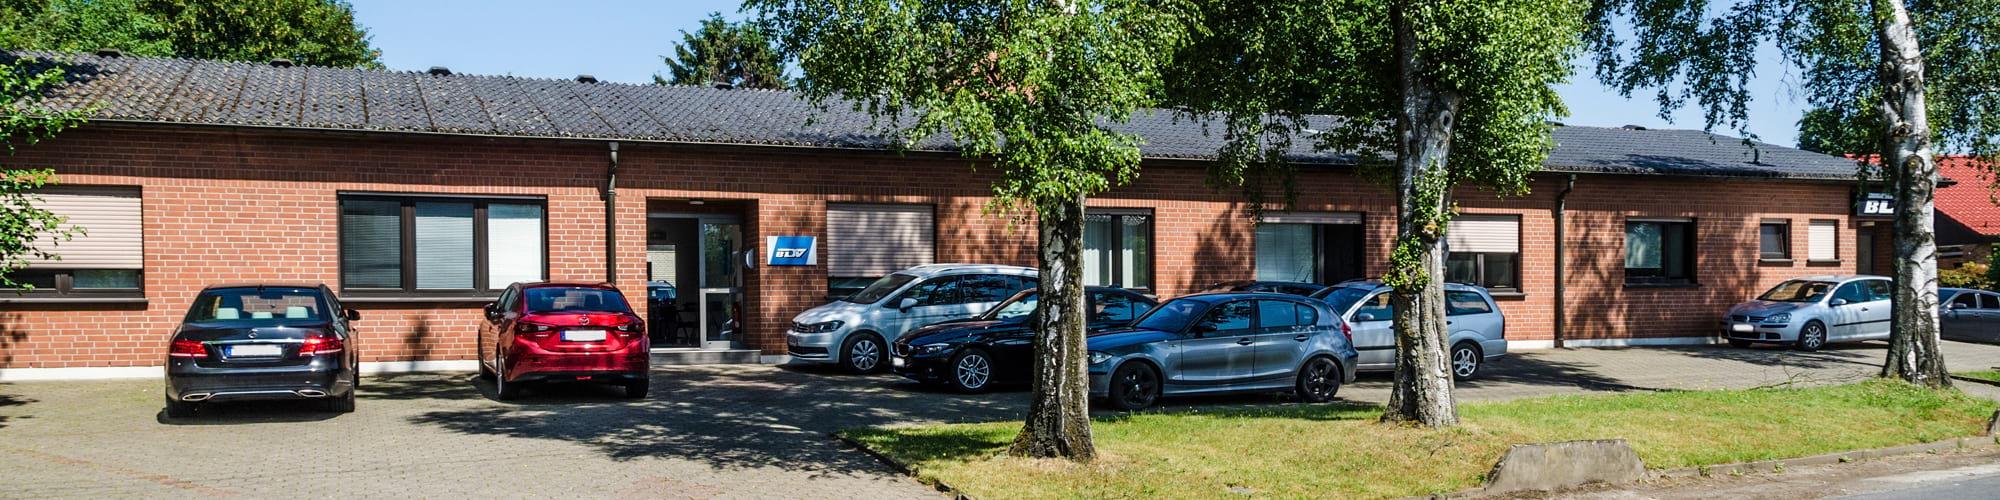 Branchen-Daten-Verarbeitung GmbH - BDV GmbH